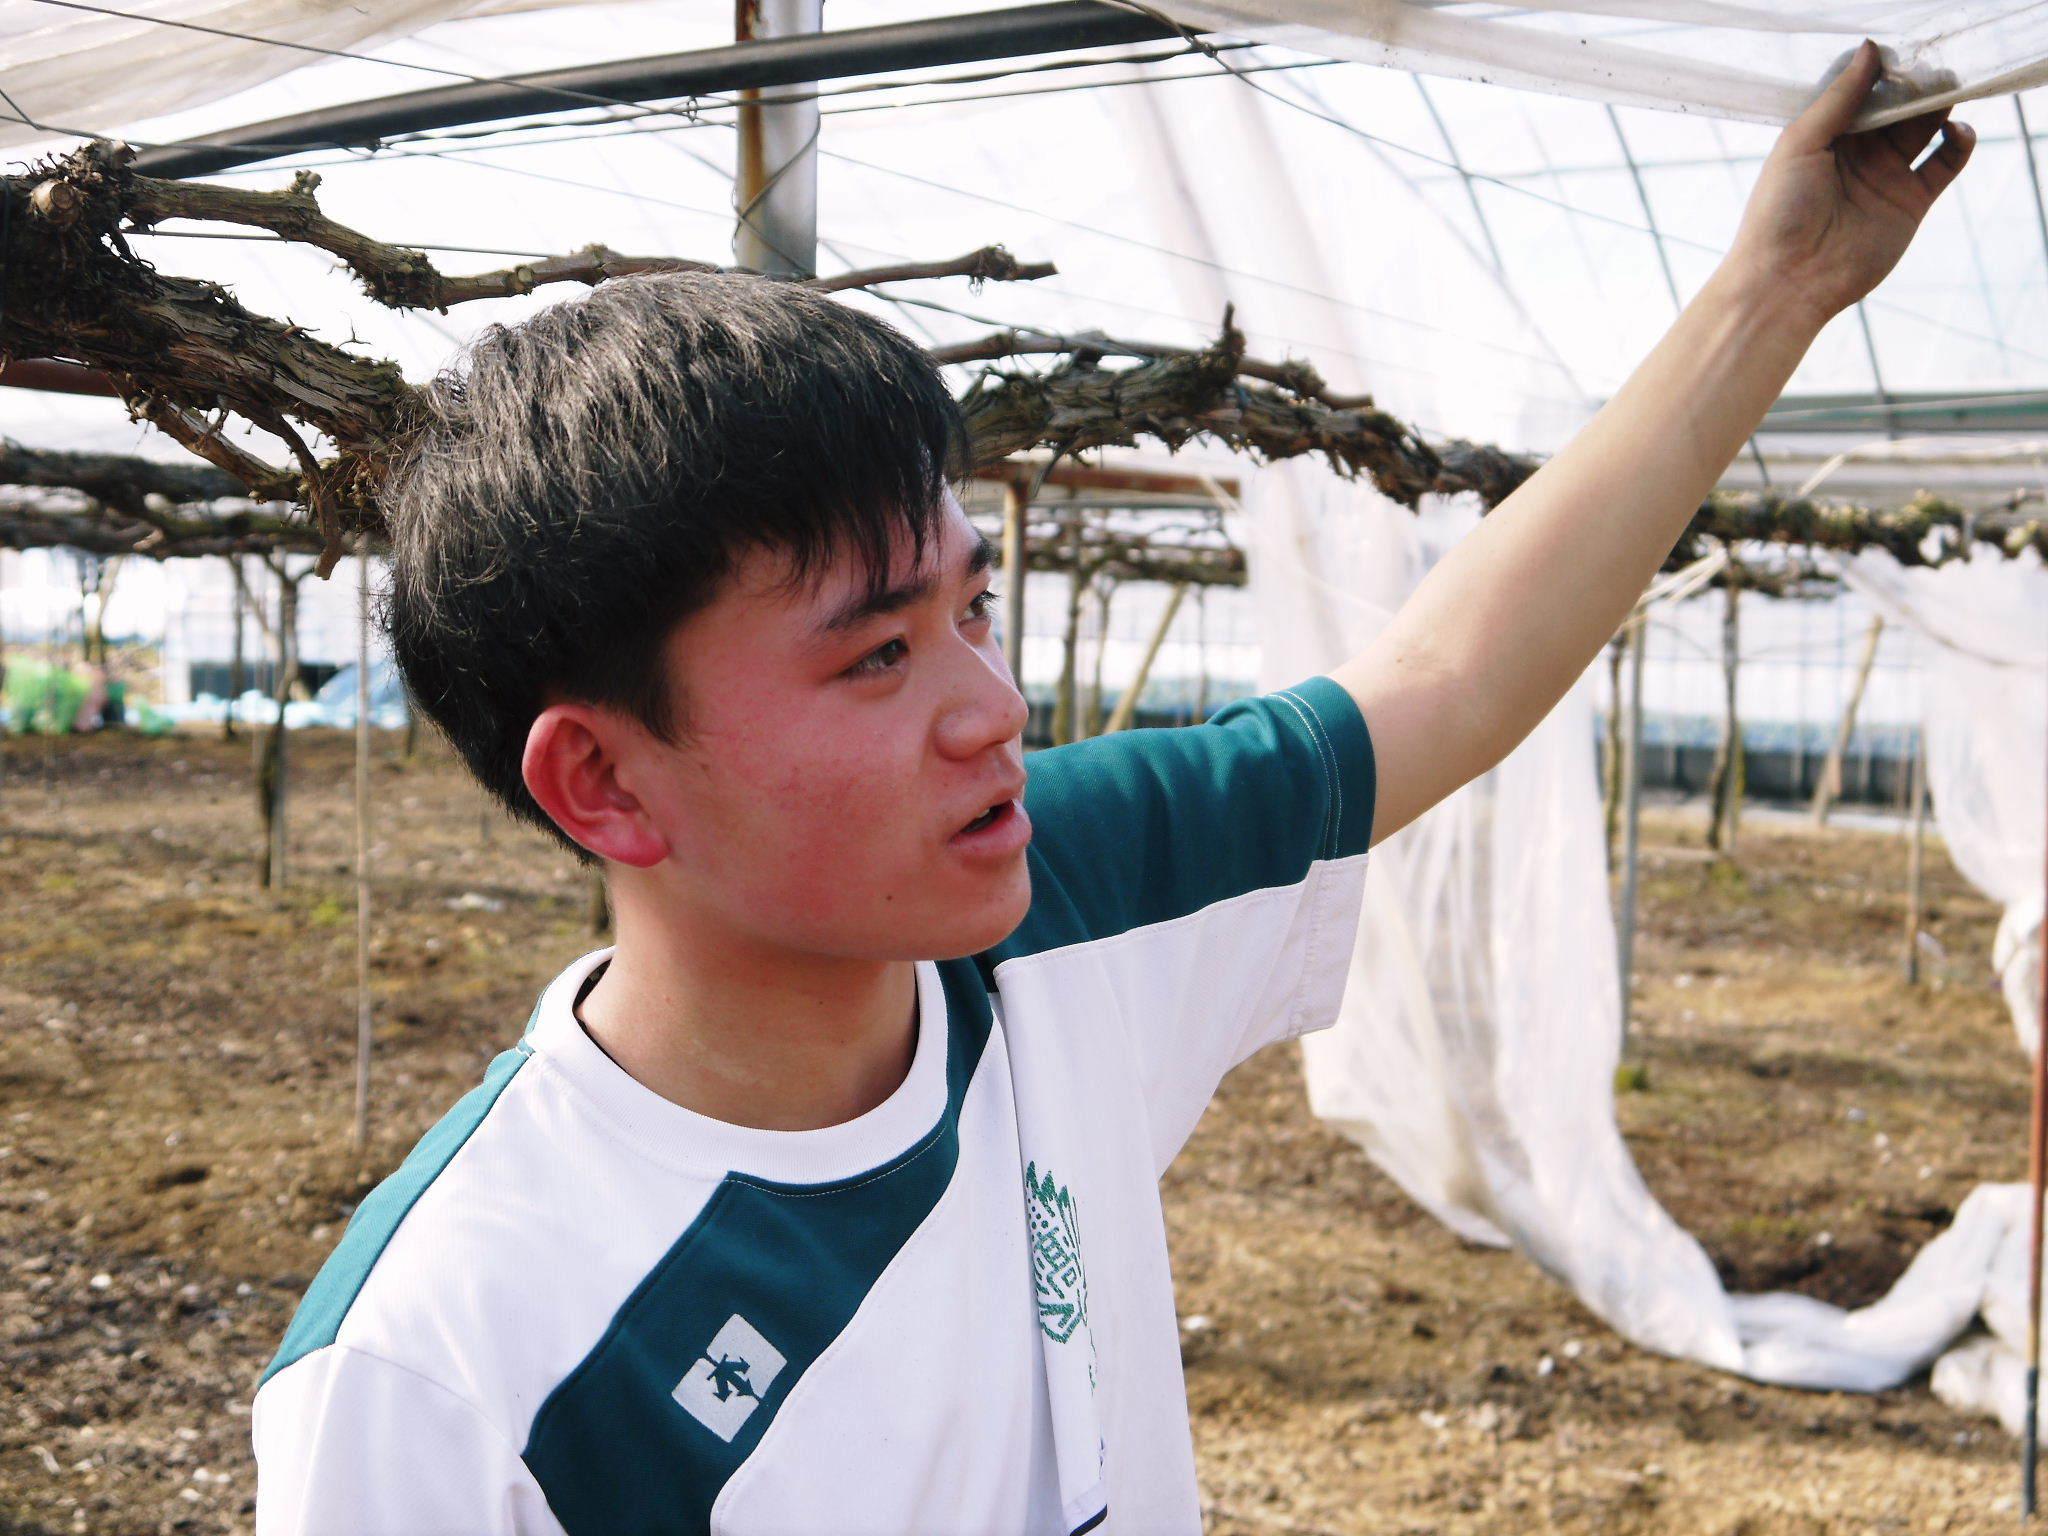 熊本ぶどう 社方園 ハウスの内張り作業を熊本農業高校からの農業実習と共に行っています(2020)後編_a0254656_16552198.jpg